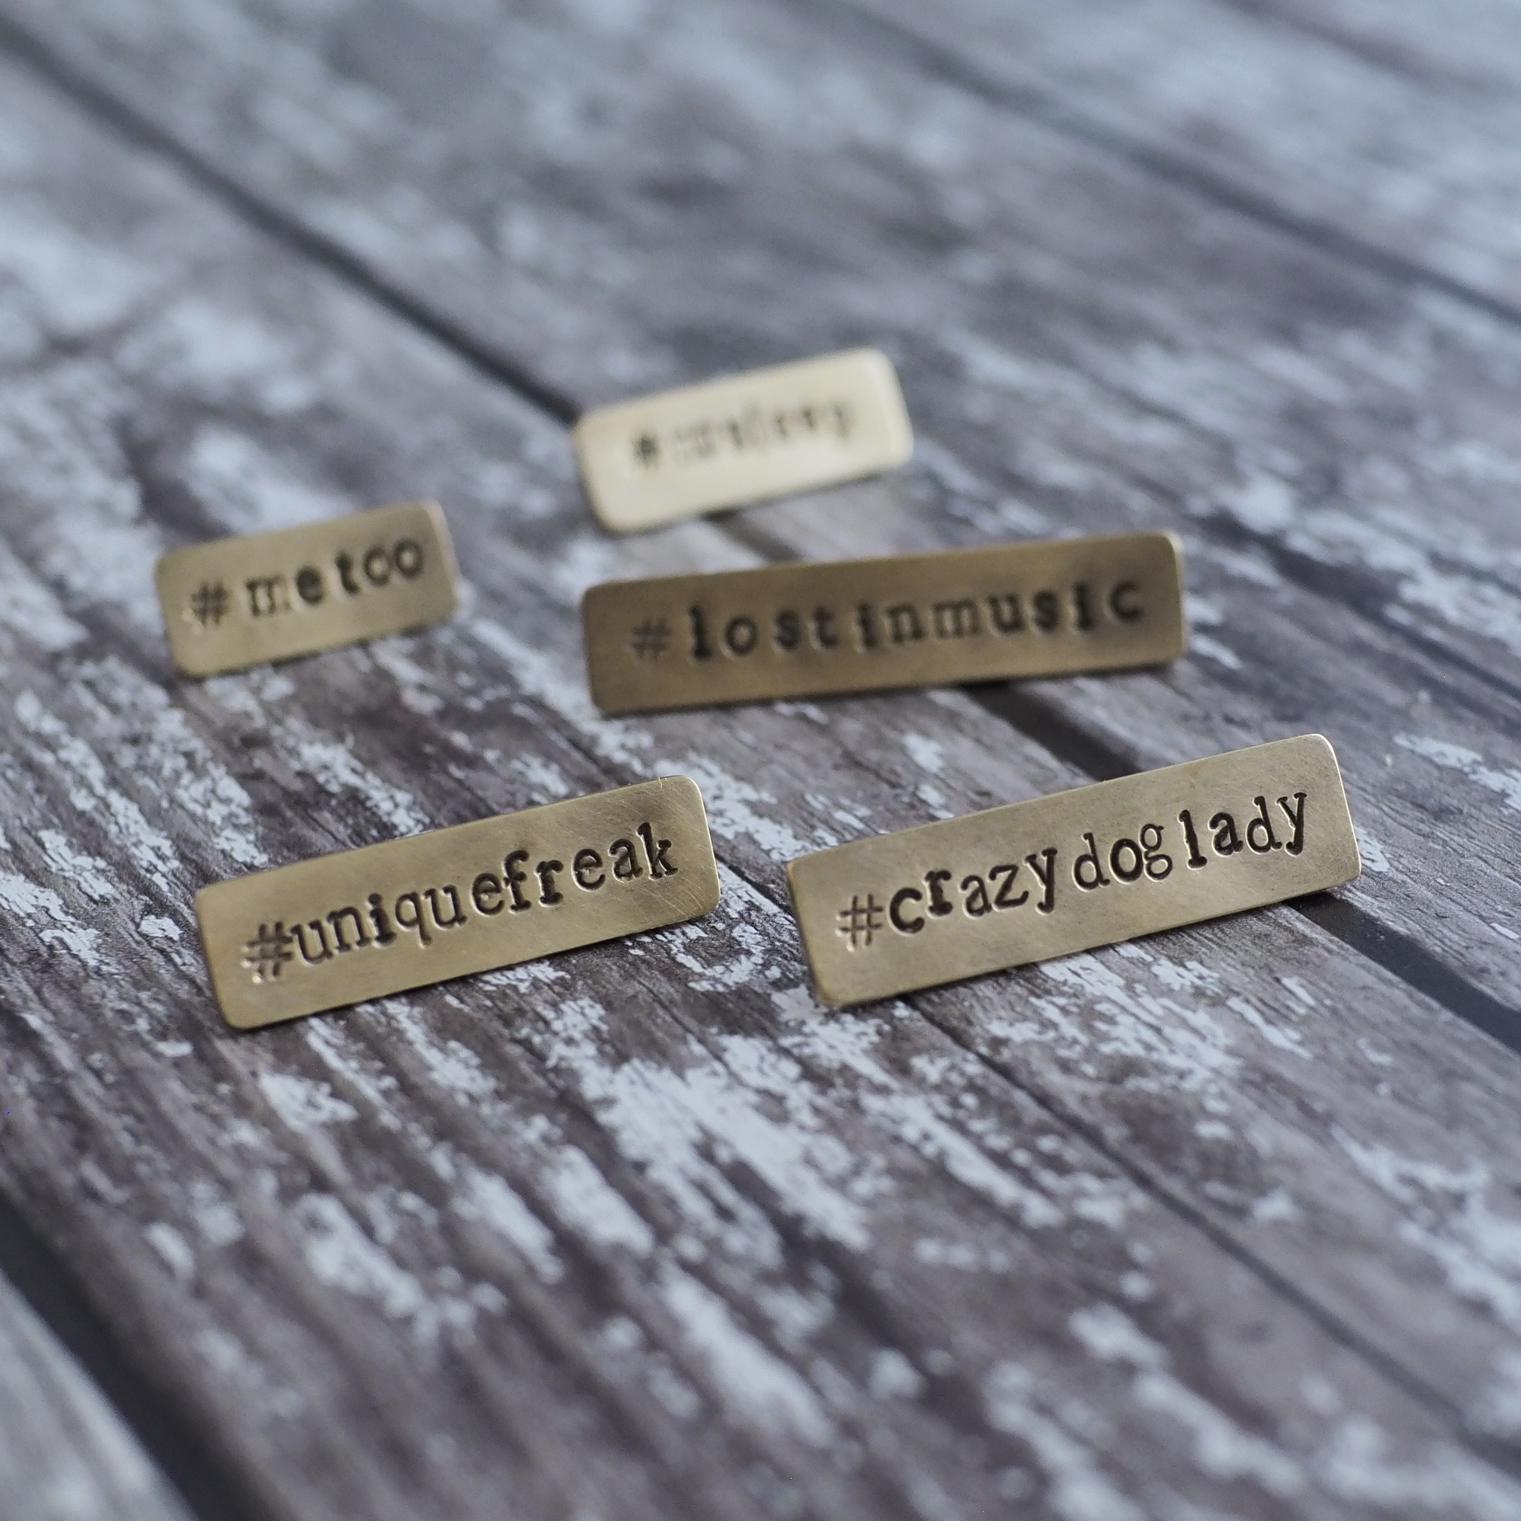 Top Brass Lapel Pins - Hashtag Lapel Pins